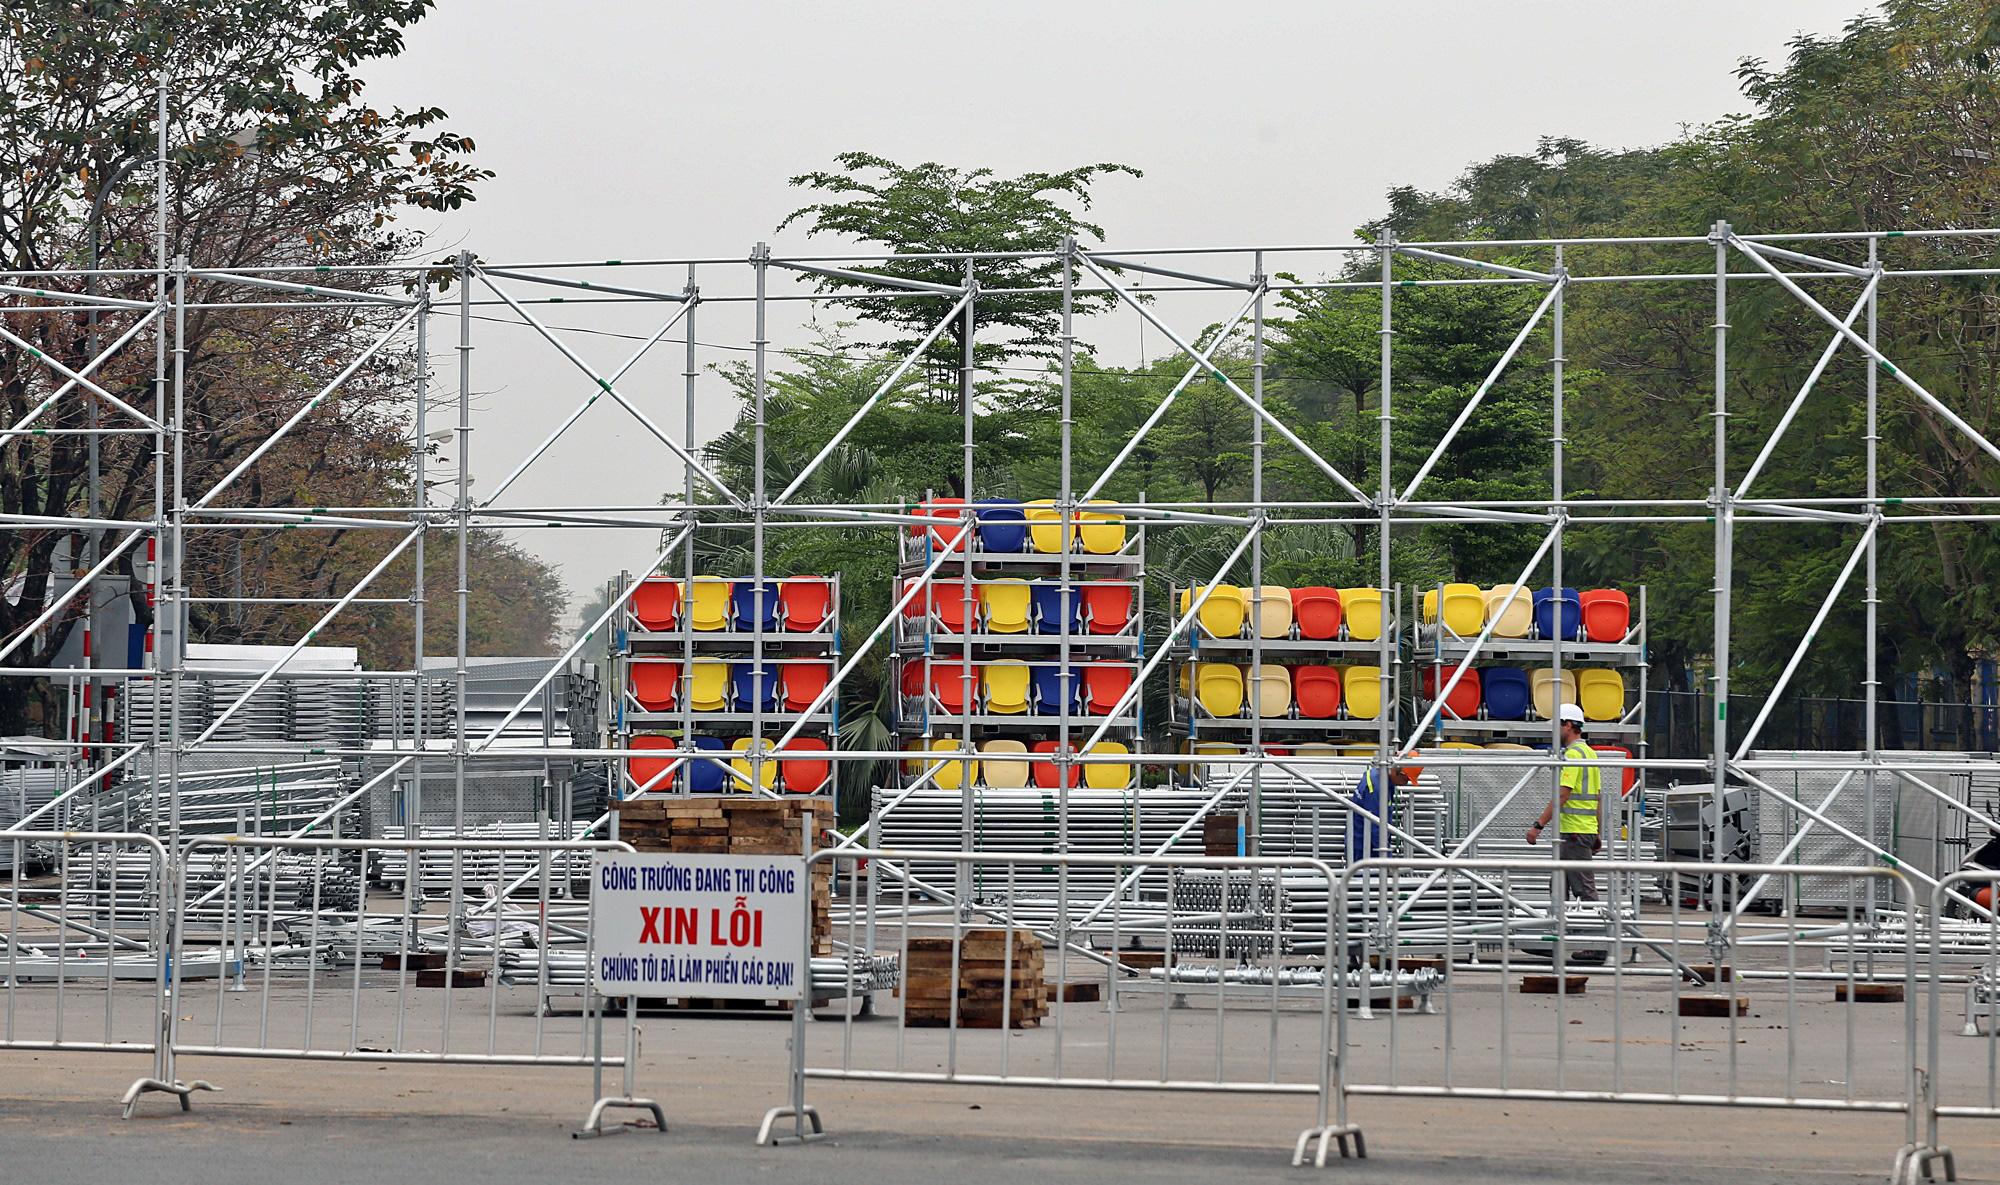 Hoãn đua F1 Hà Nội vì dịch Covid-19, khán đài di động bị tháo dỡ - Ảnh 16.